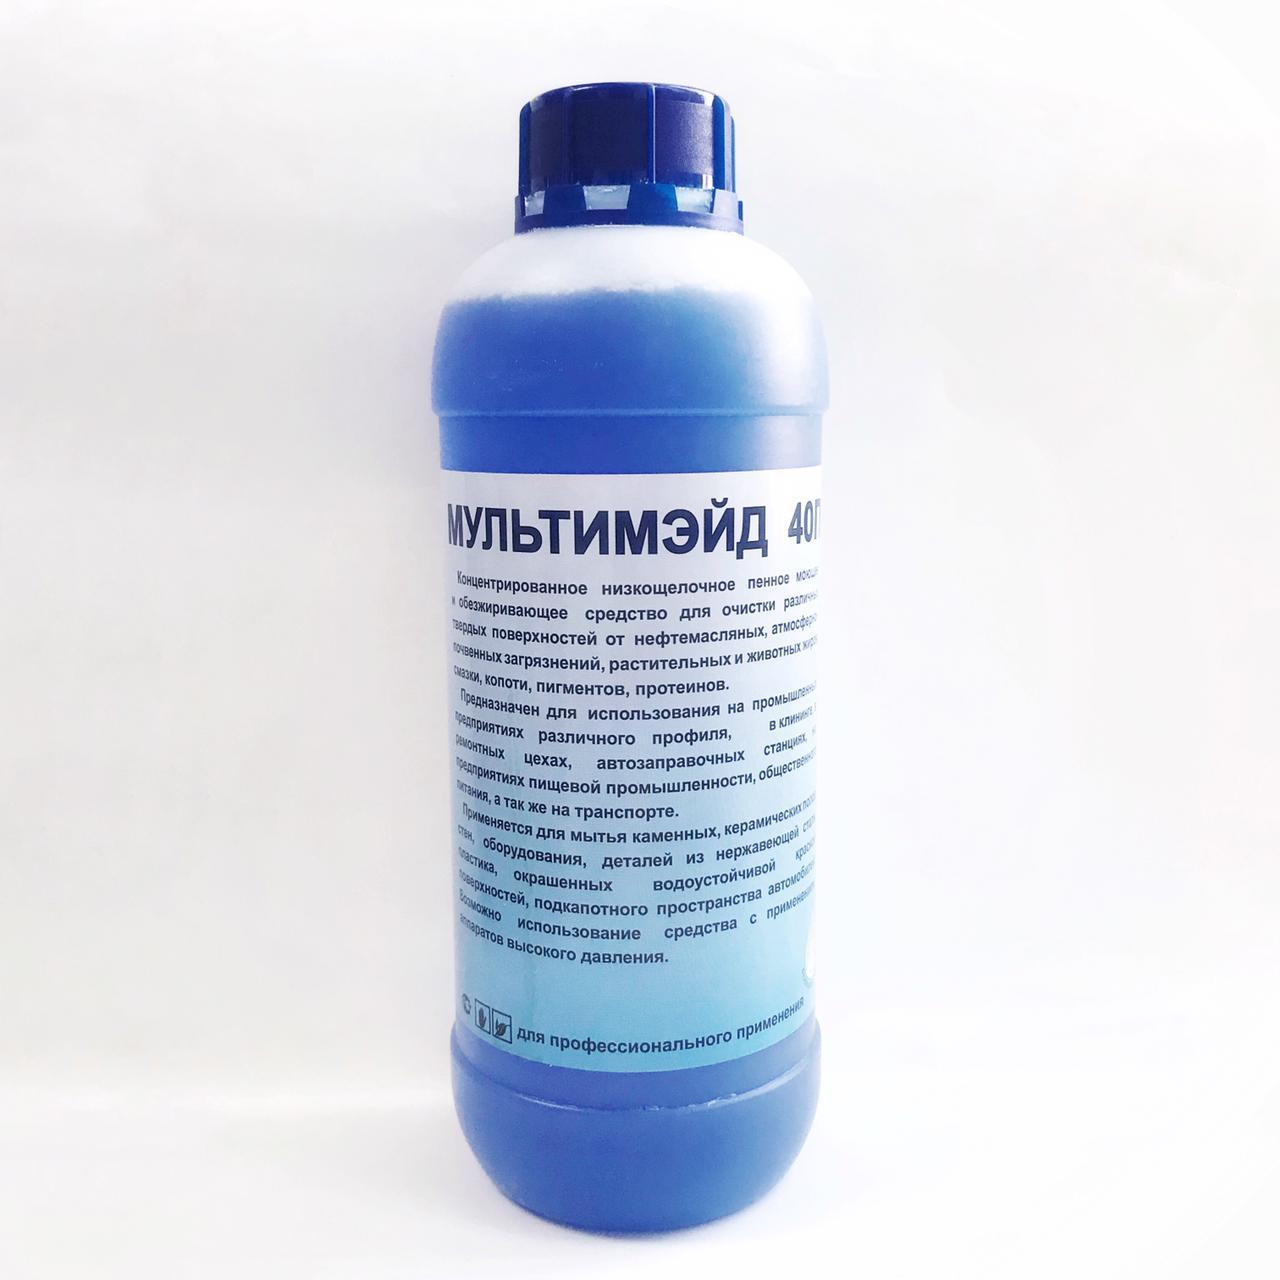 Комплексное средство для уборки, концентрат Мультимэйд 40П